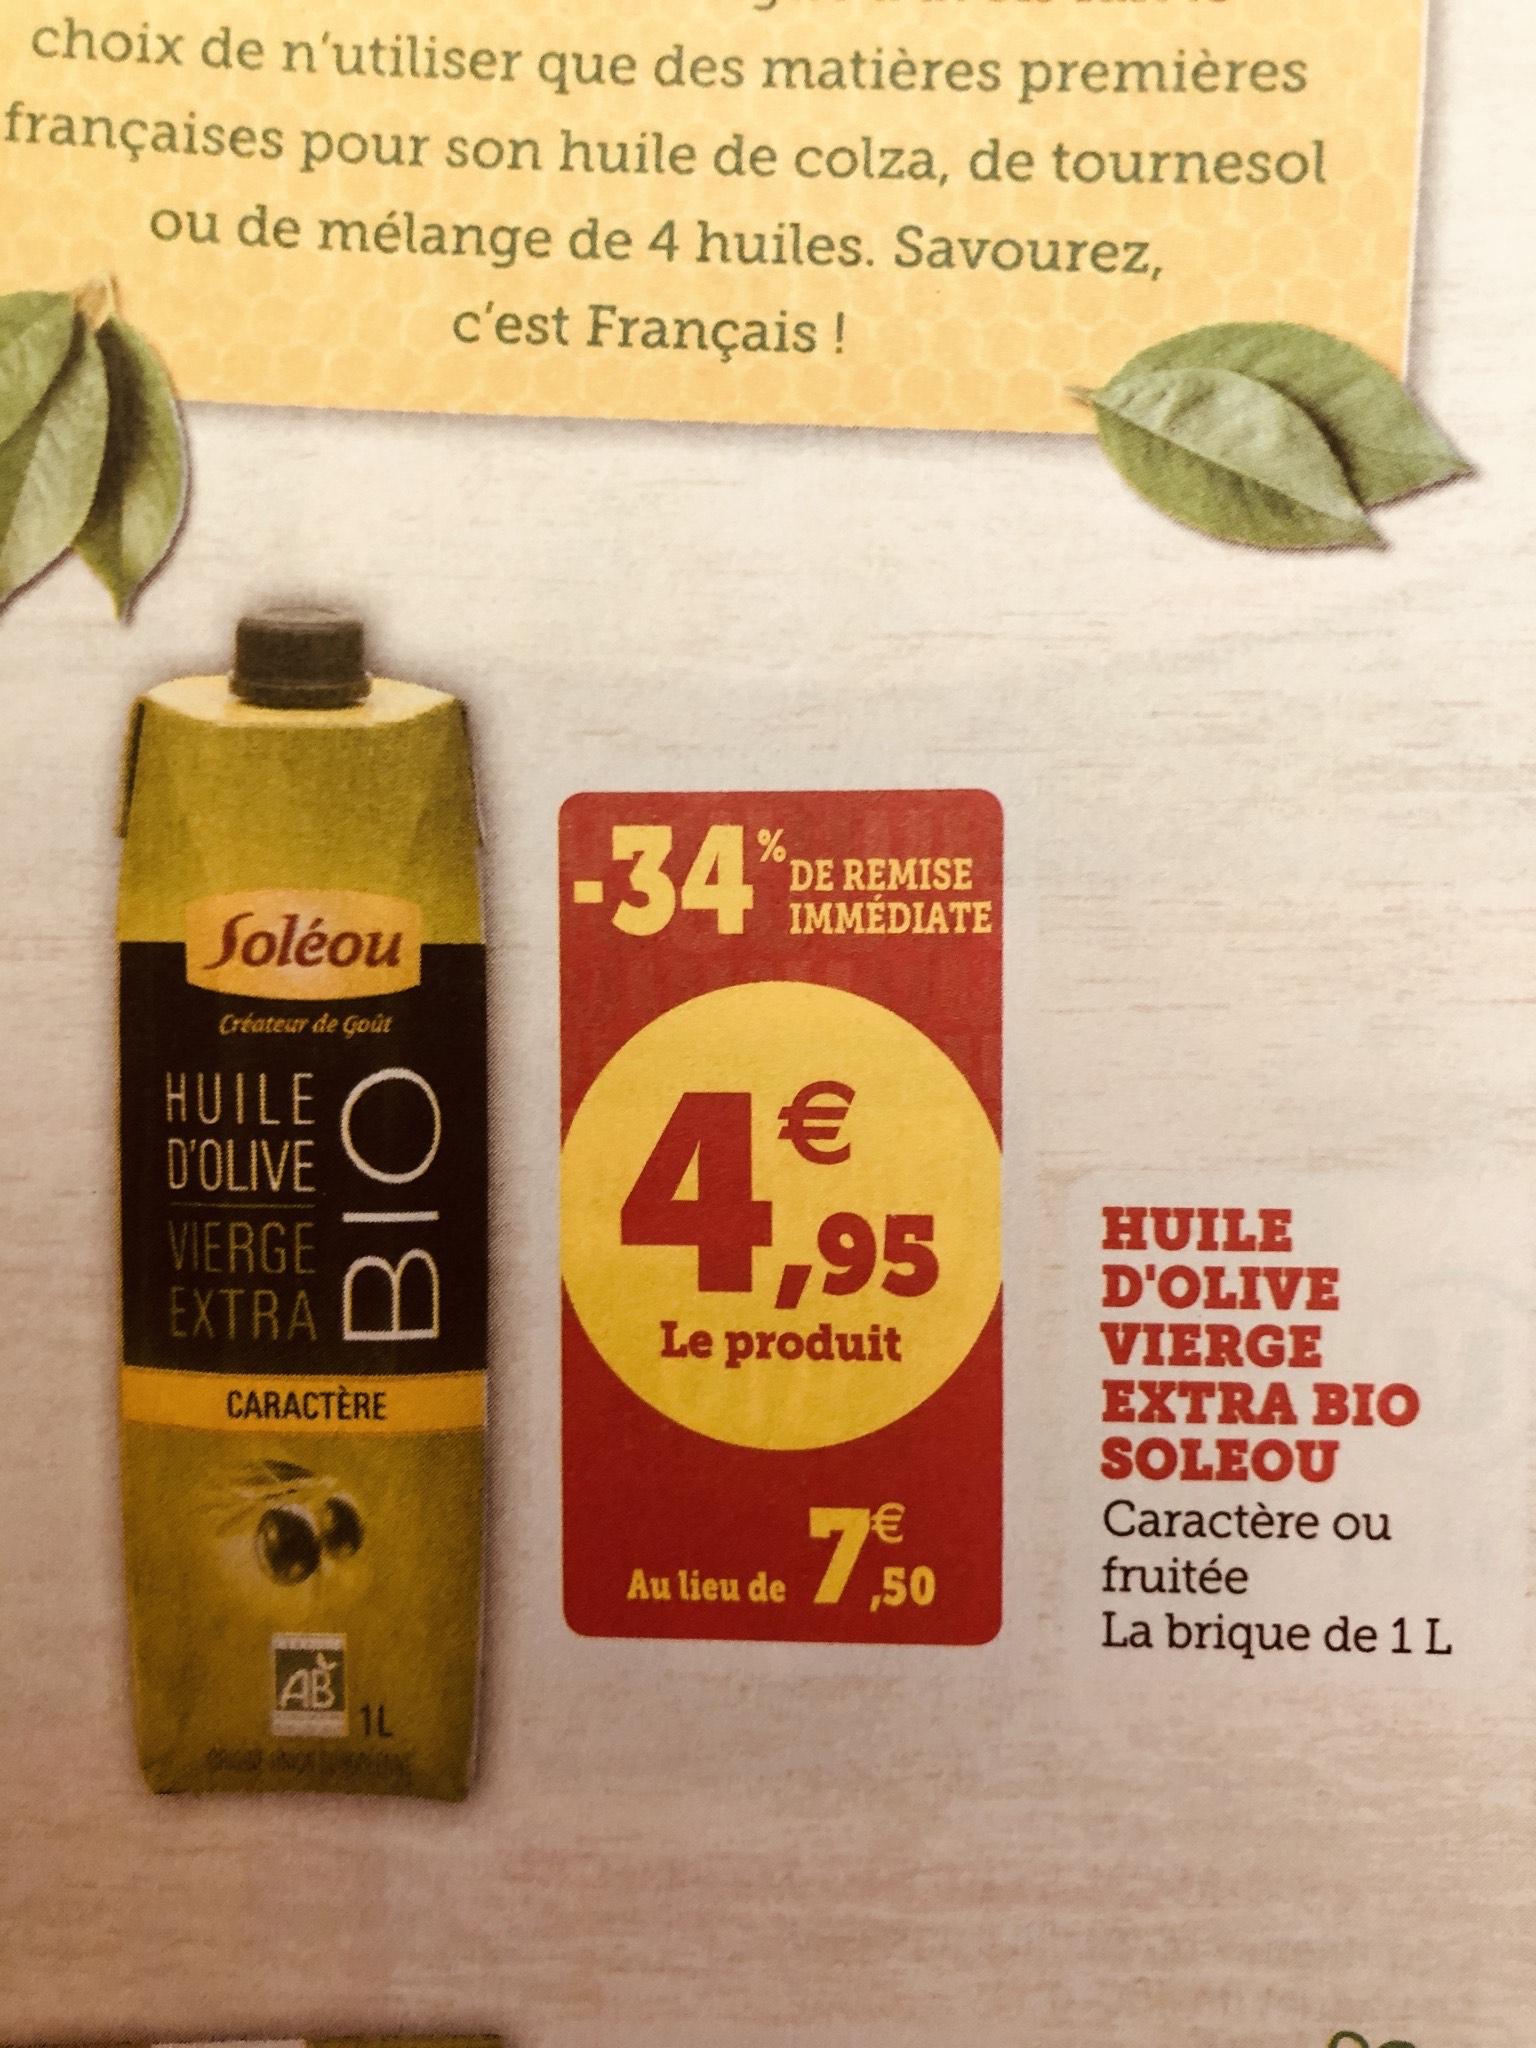 Huile d'olive vierge extra Bio Soléou - 1l (Via Shopmium + BDR)